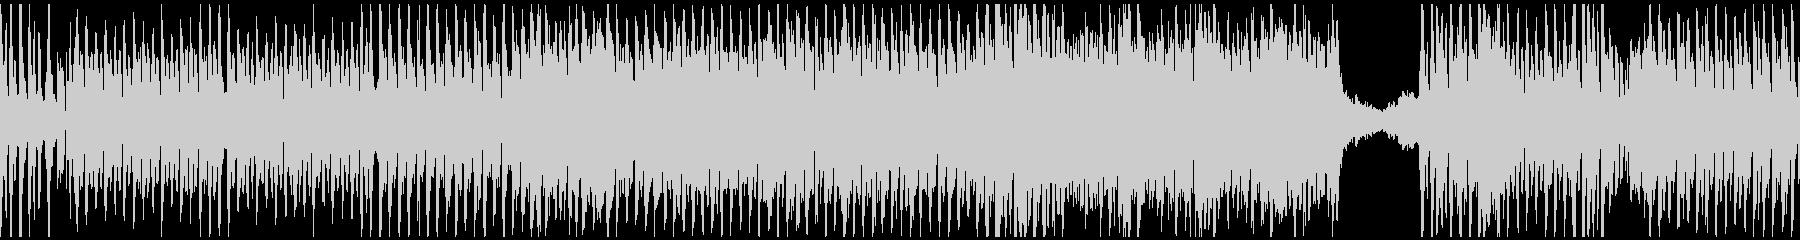 ポップなゴシックオーケストラ(ループ)の未再生の波形